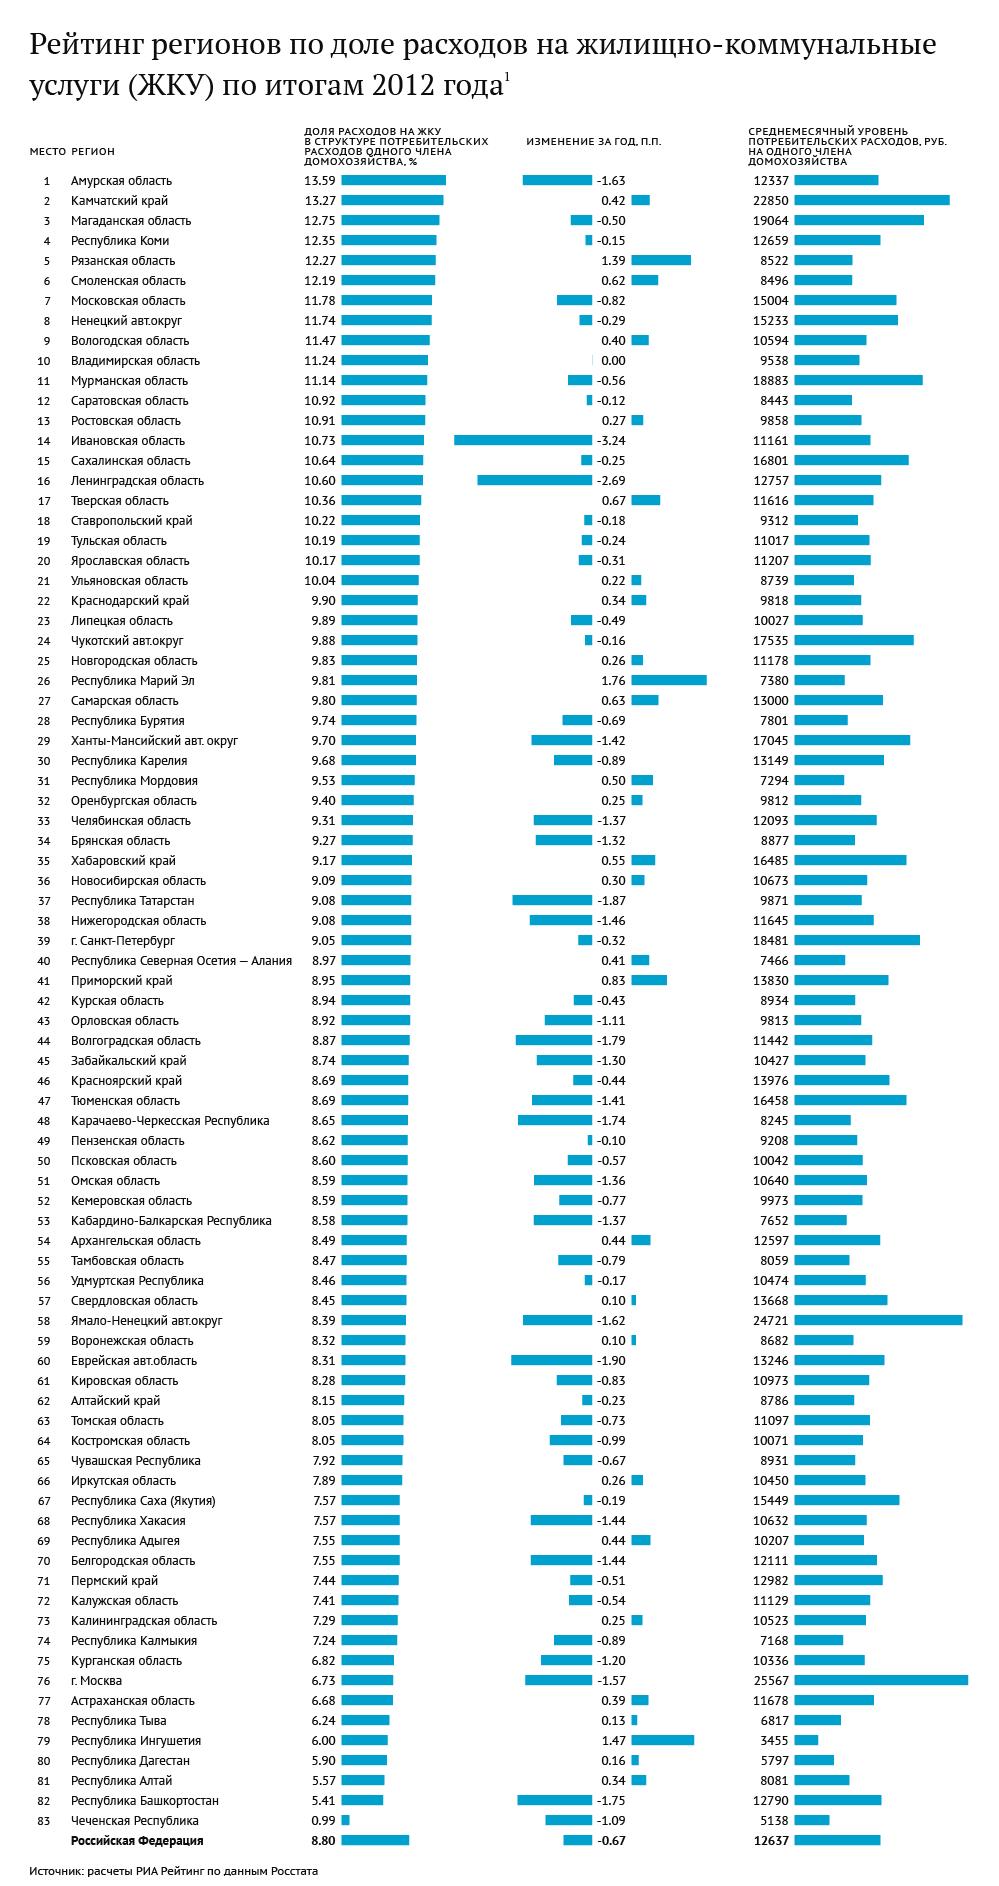 Рейтинг регионов по доле расходов на ЖКУ